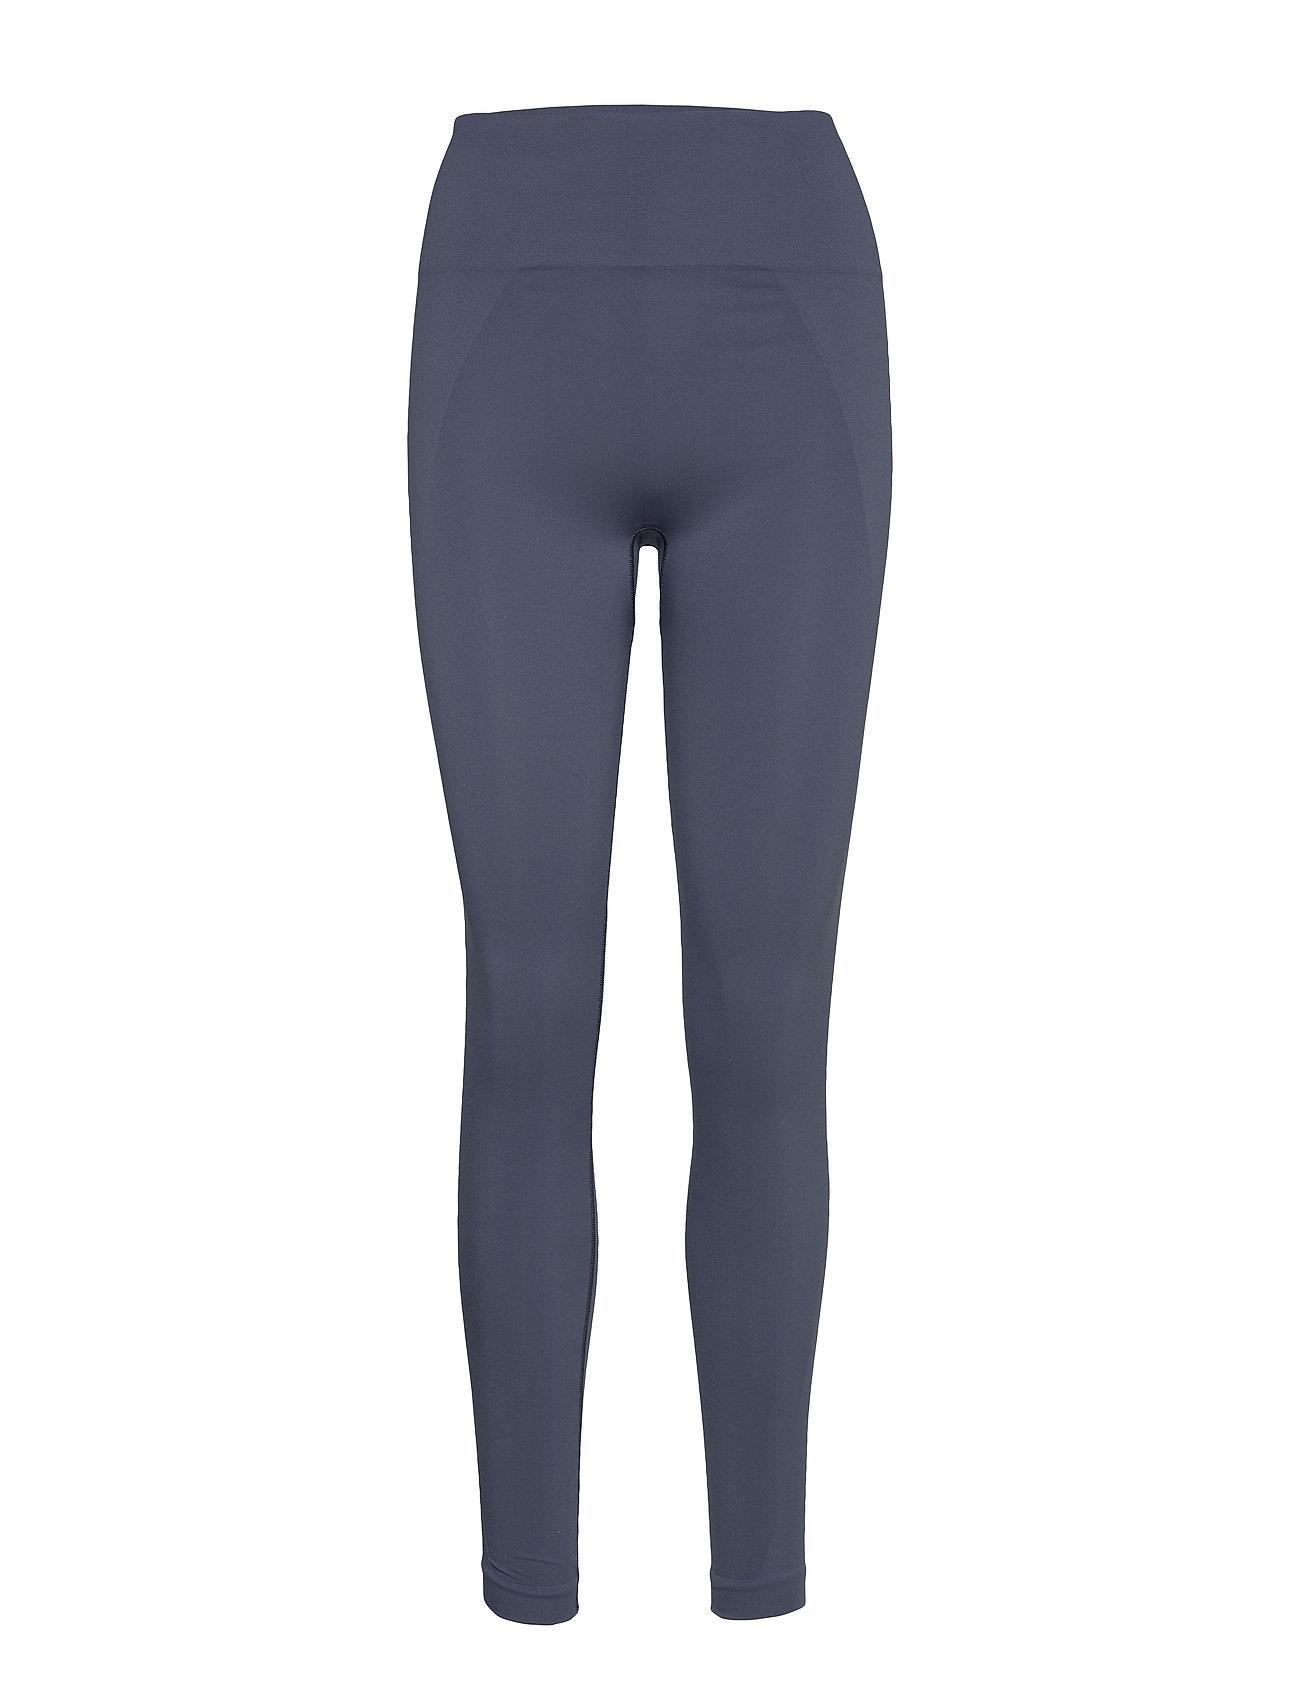 Filippa K Soft Sport High Seamless Leggings - MISTY BLUE